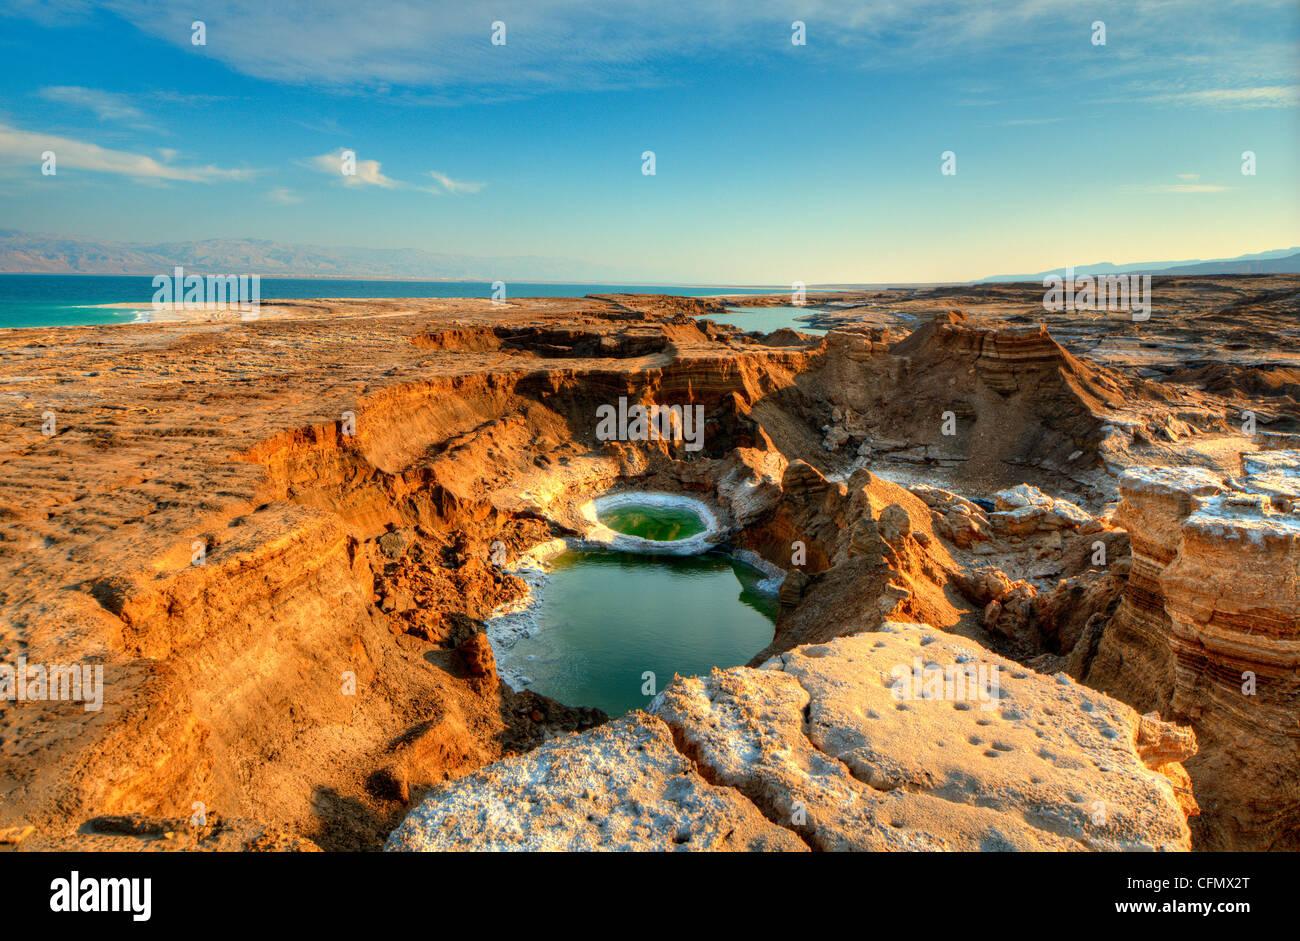 Sink holes near the Dead Sea in Ein Gedi, Israel. - Stock Image